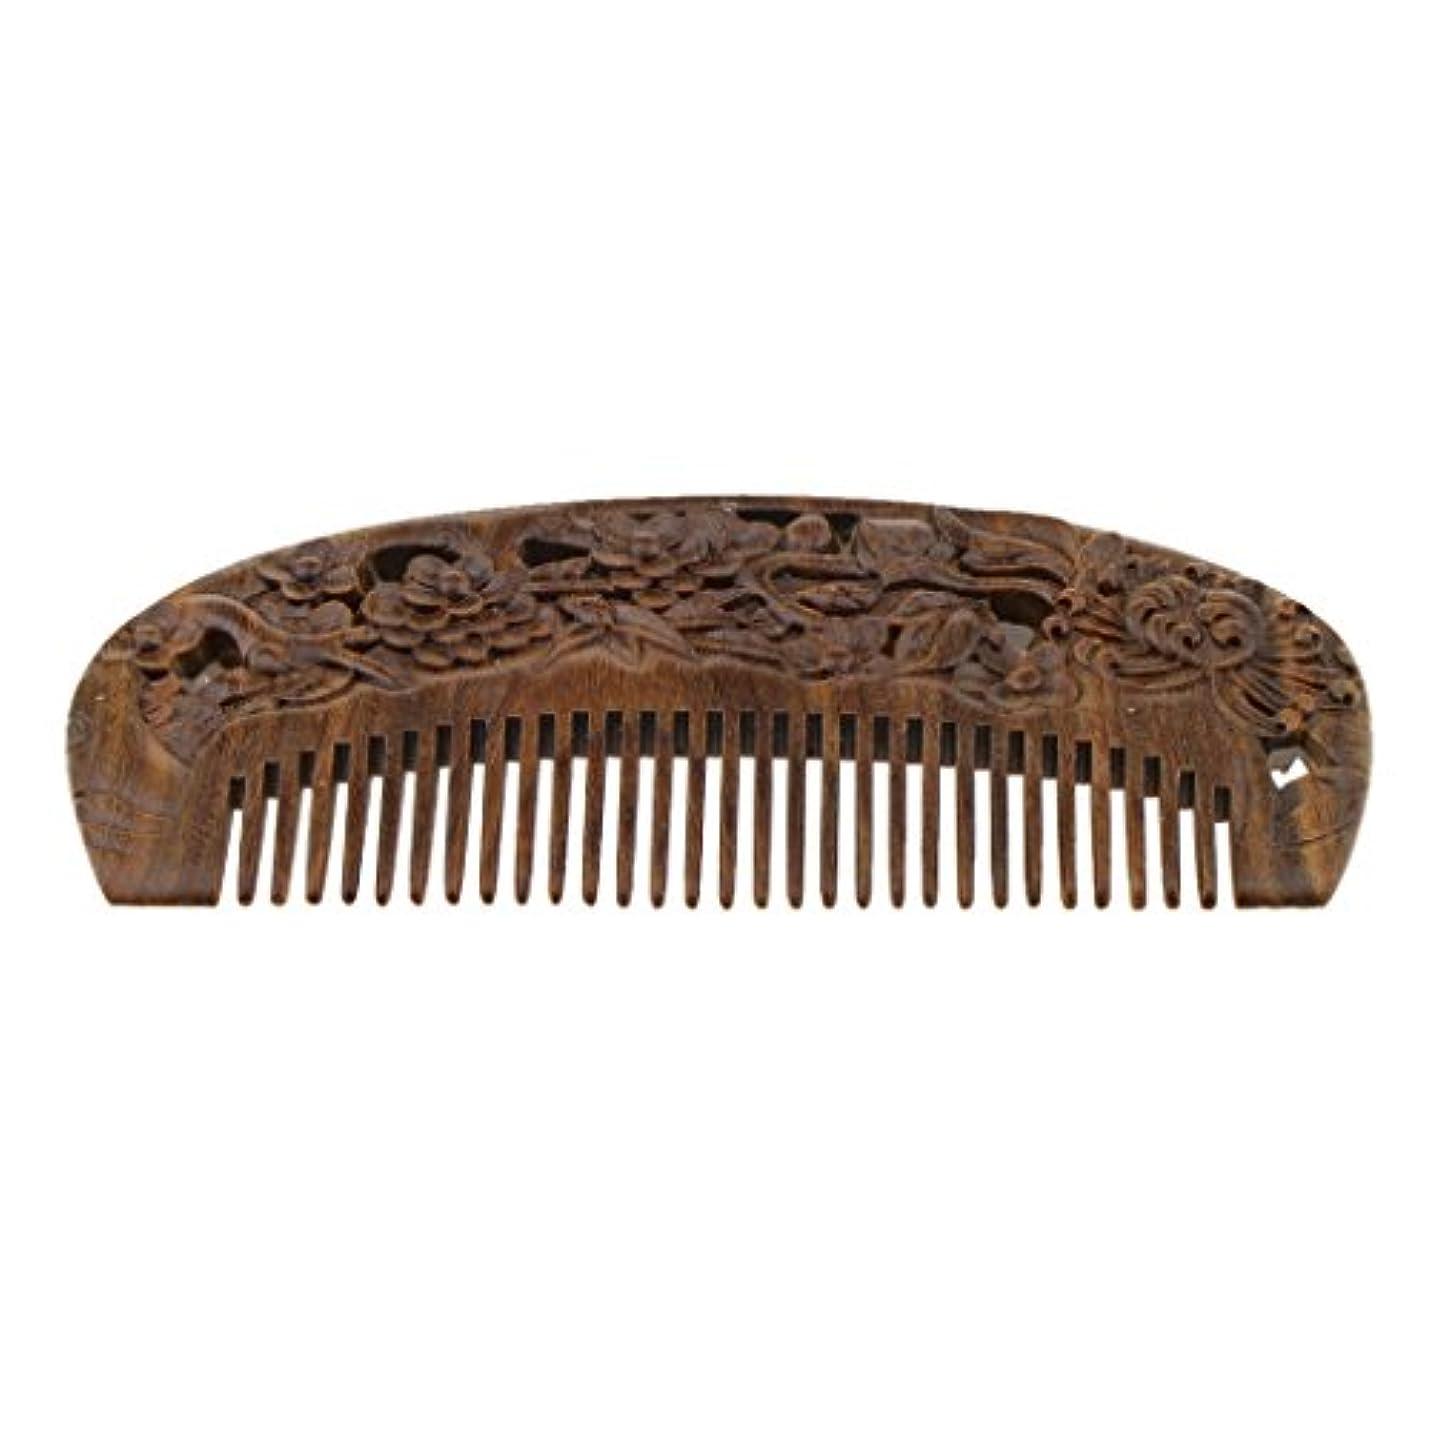 発生する間違っているクスコSM SunniMix 木製コーム ウッドコーム ワイド歯 ヘアブラシ 頭皮マッサージ ヘアスタイリング 全2種類 - #2